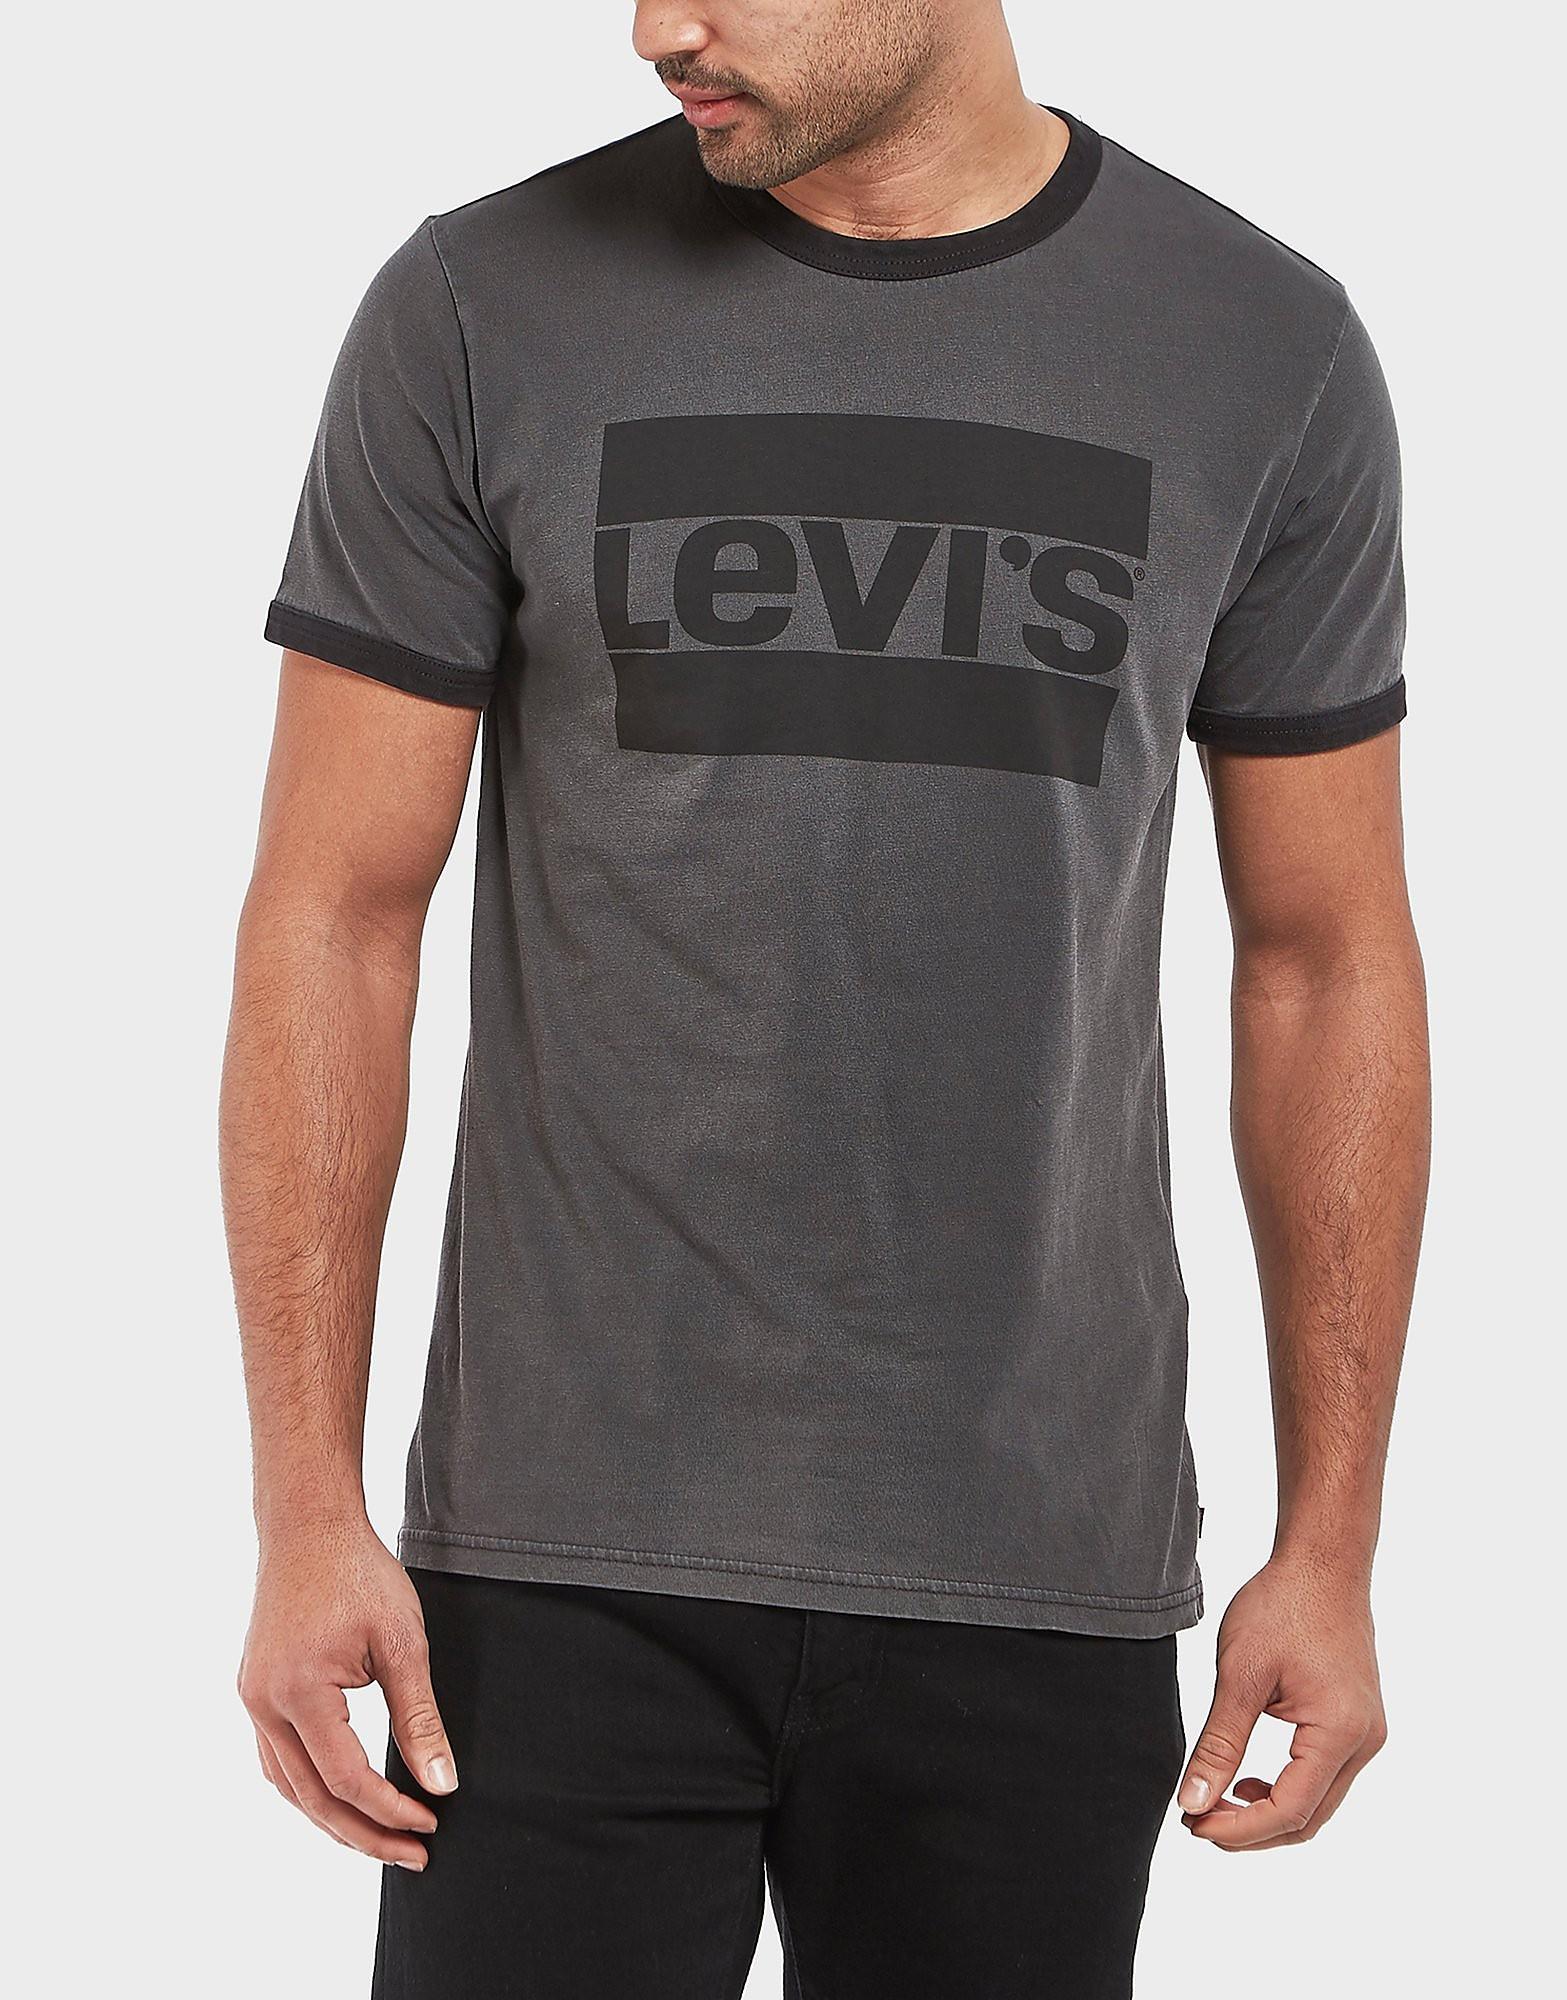 Levis Logo Ringer Short Sleeve T-Shirt